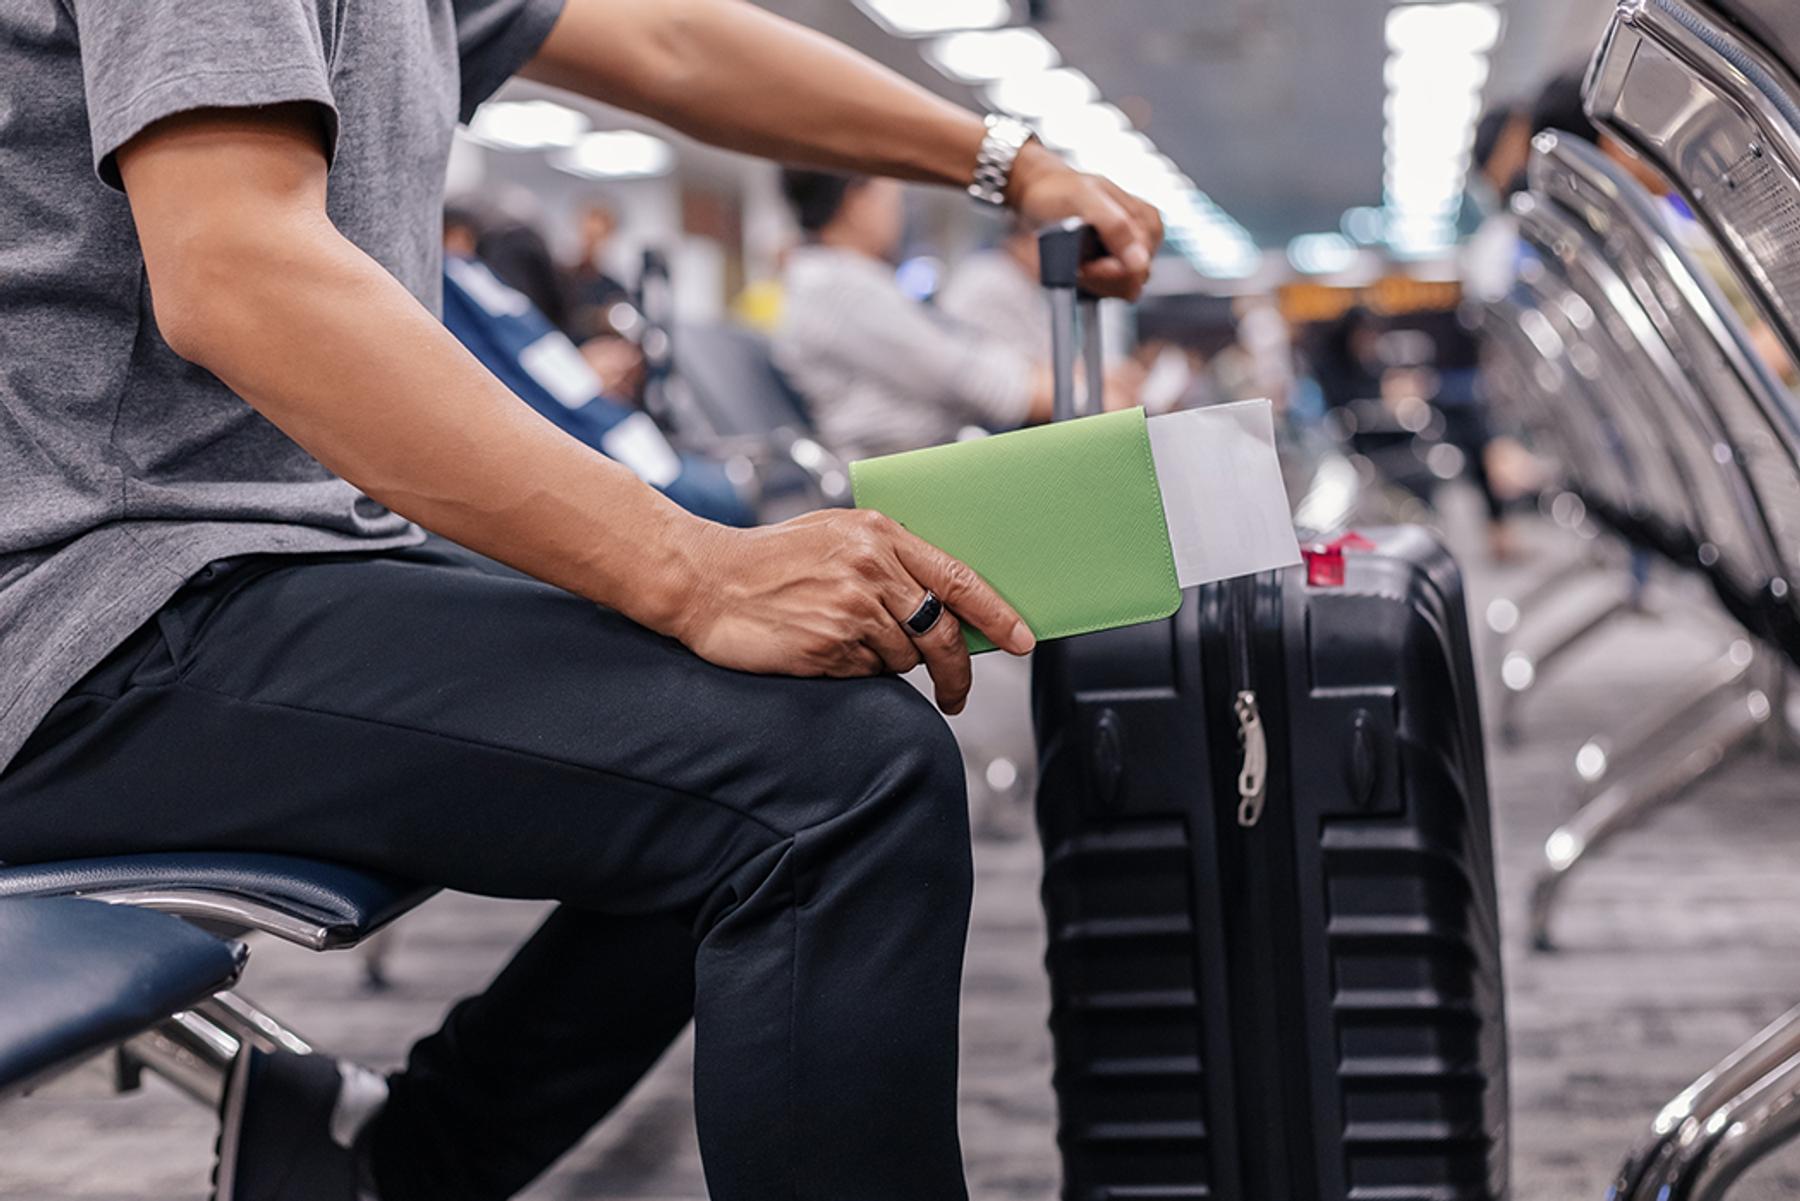 Мужчина с паспортом и чемоданом ручной клади ждет вылета в аэропорту